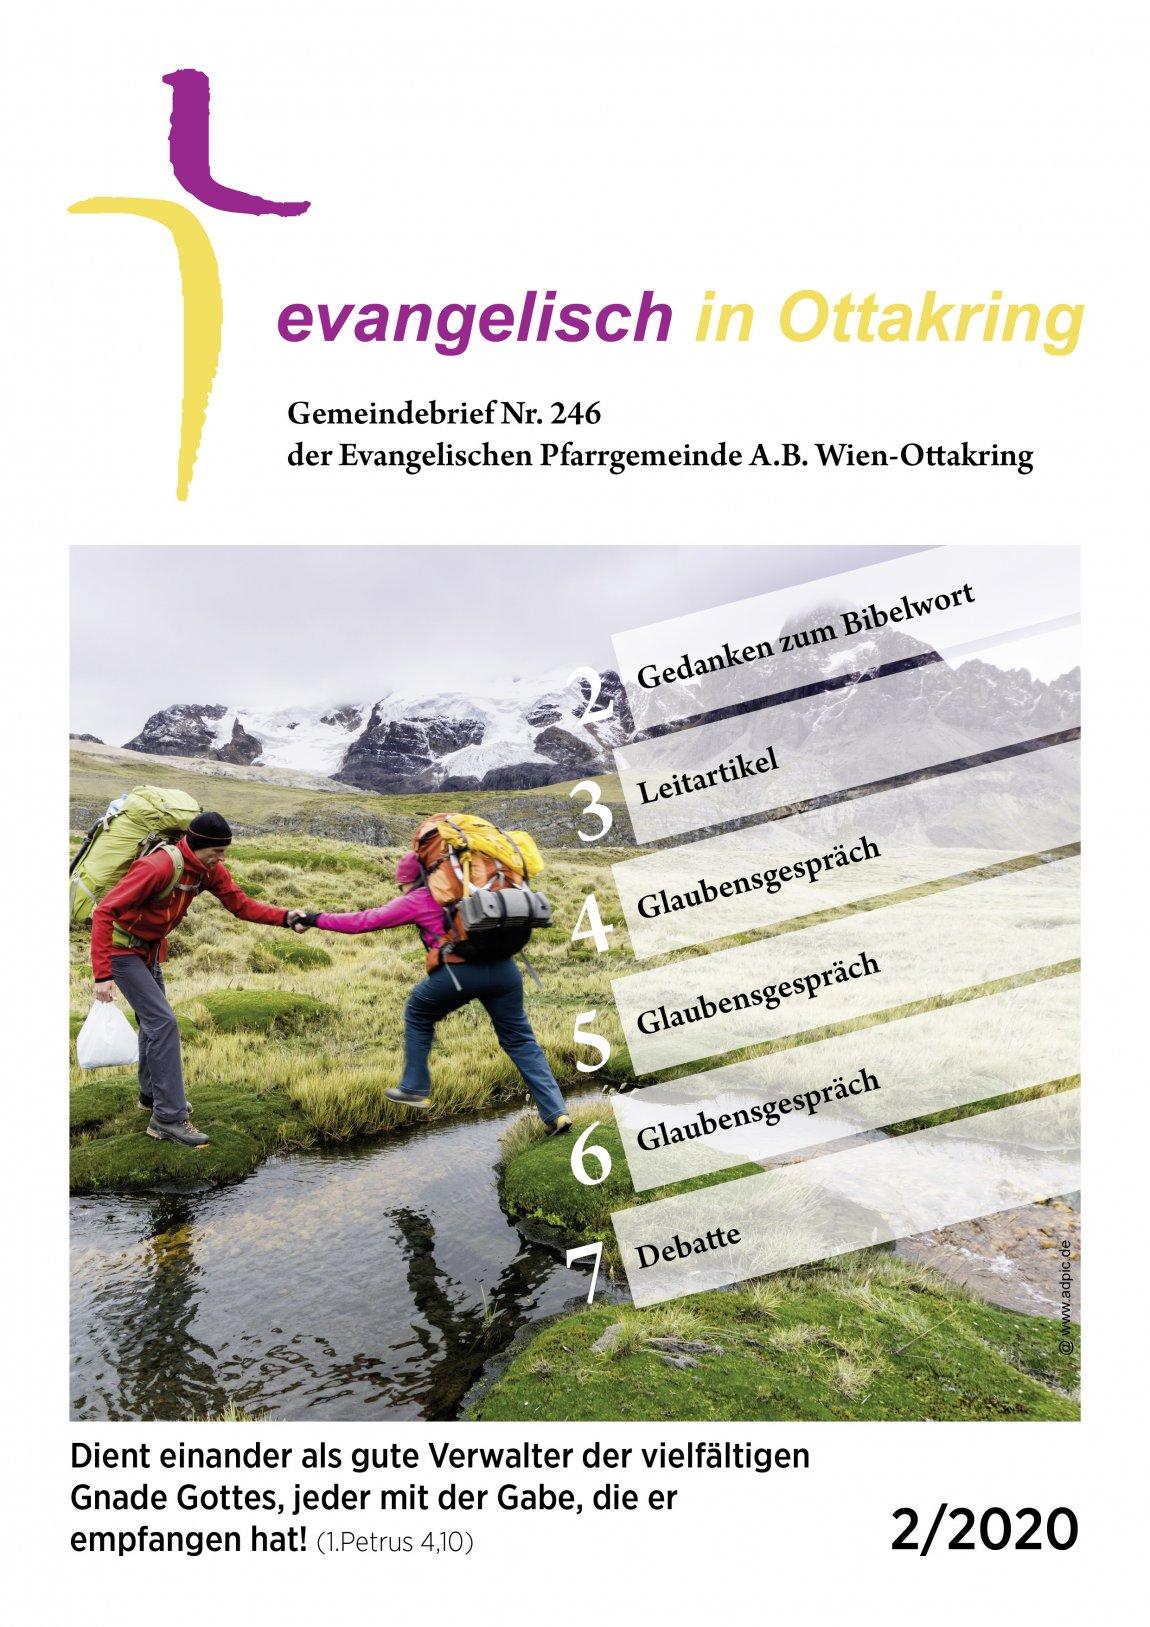 Gemeindebrief Nr. 246 der Evangelischen Pfarrgemeinde Wien-Ottakring